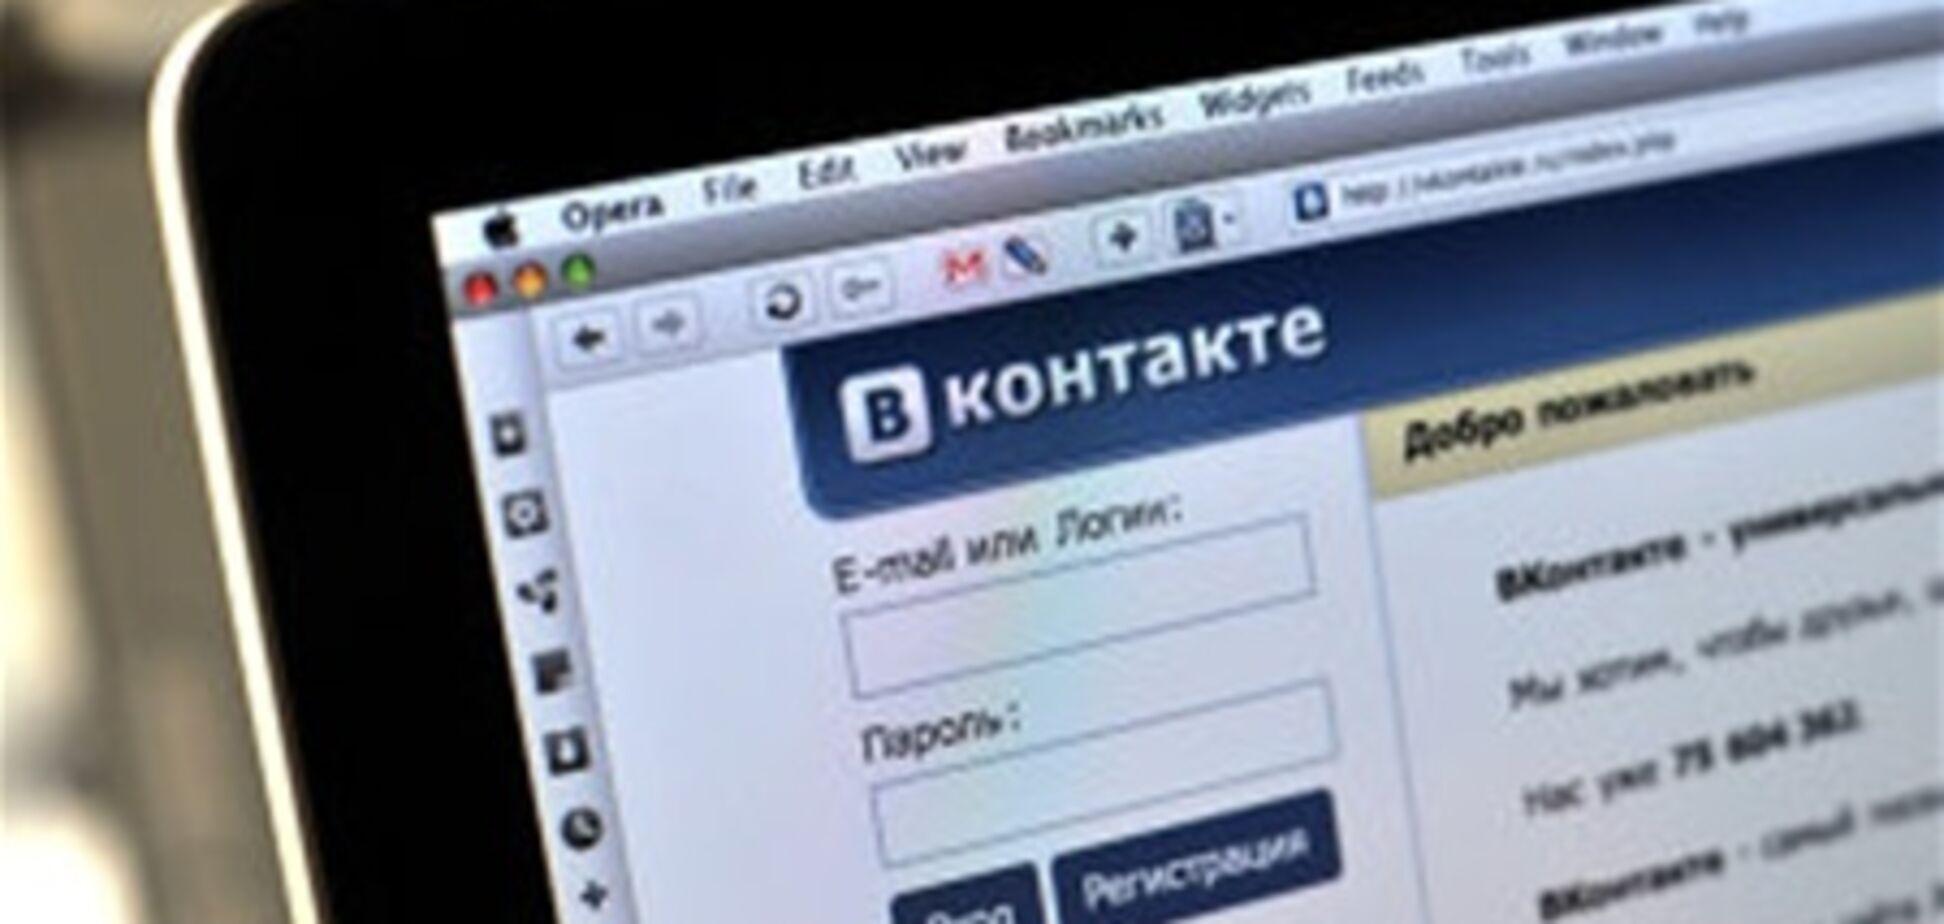 'ВКонтакте' отказался от собственной платежной системы